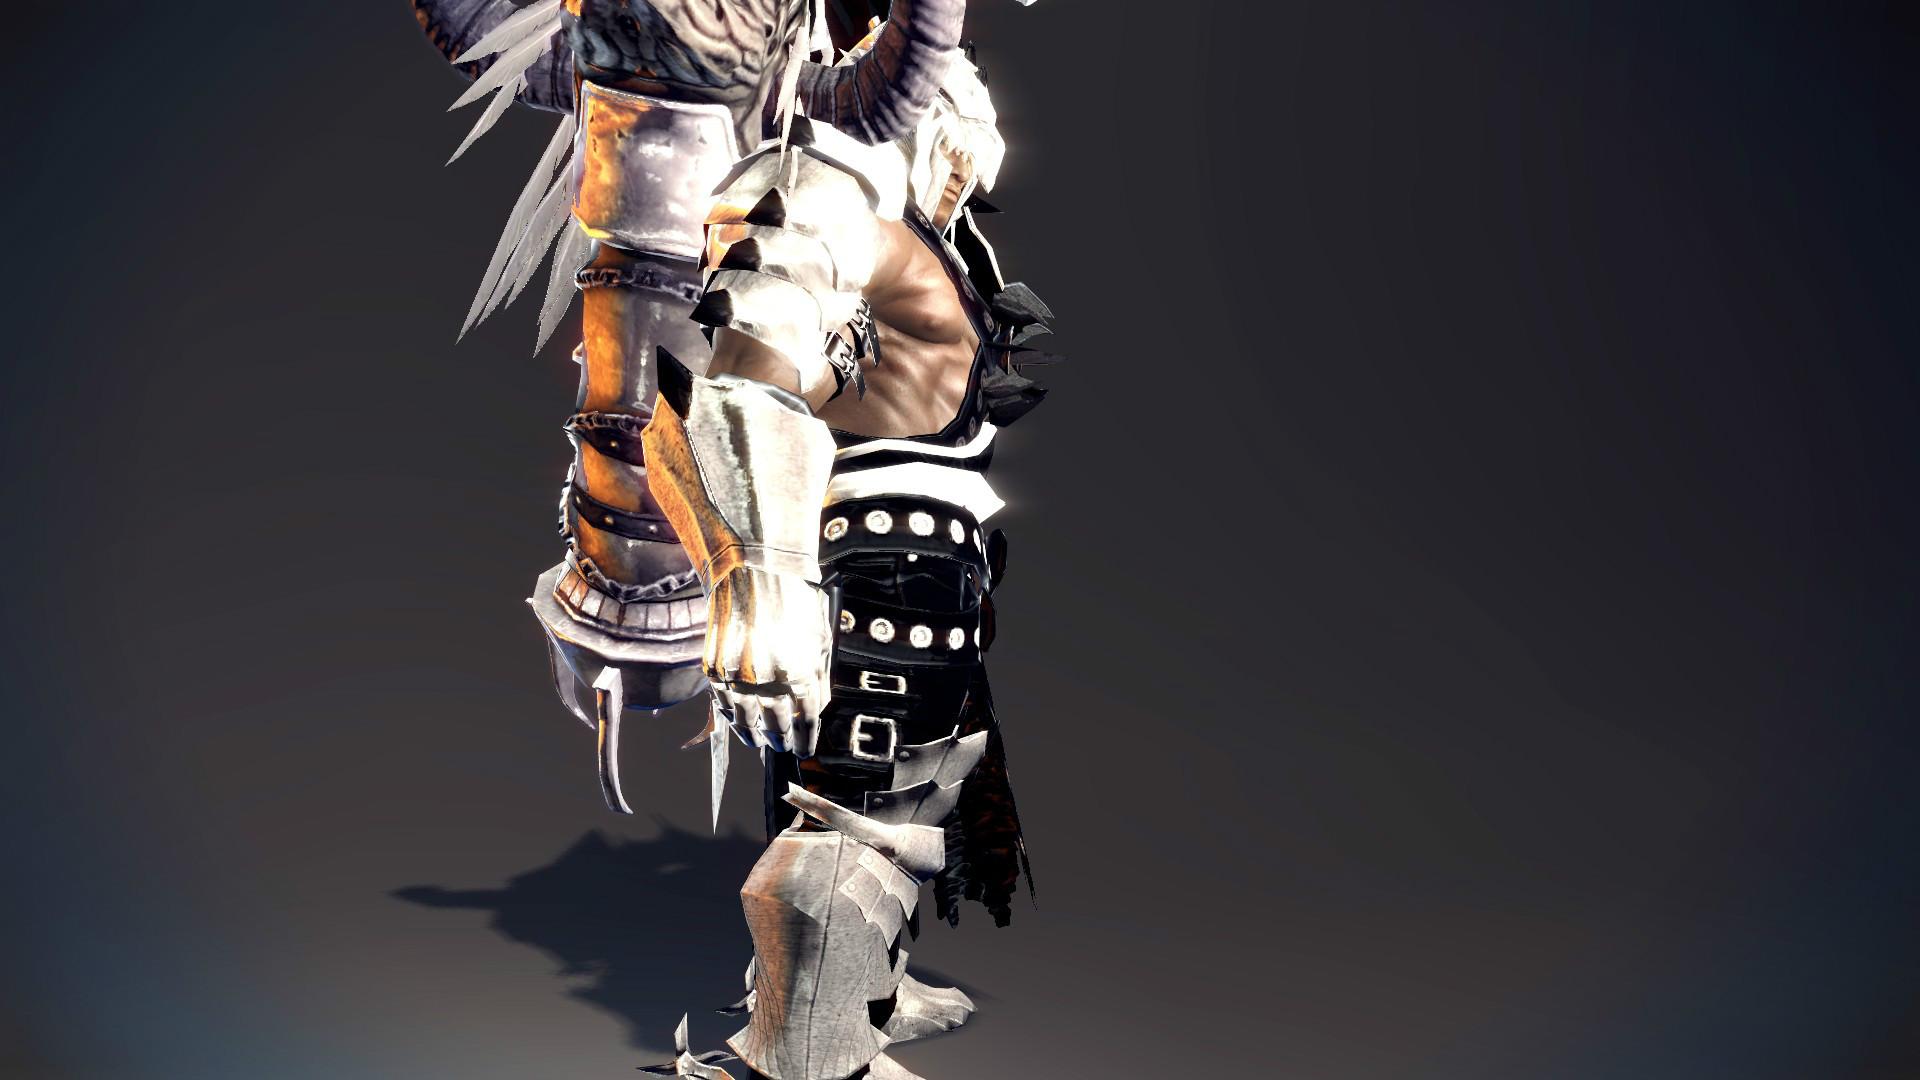 卡鲁霸气丘麟套装,野蛮人风格展示